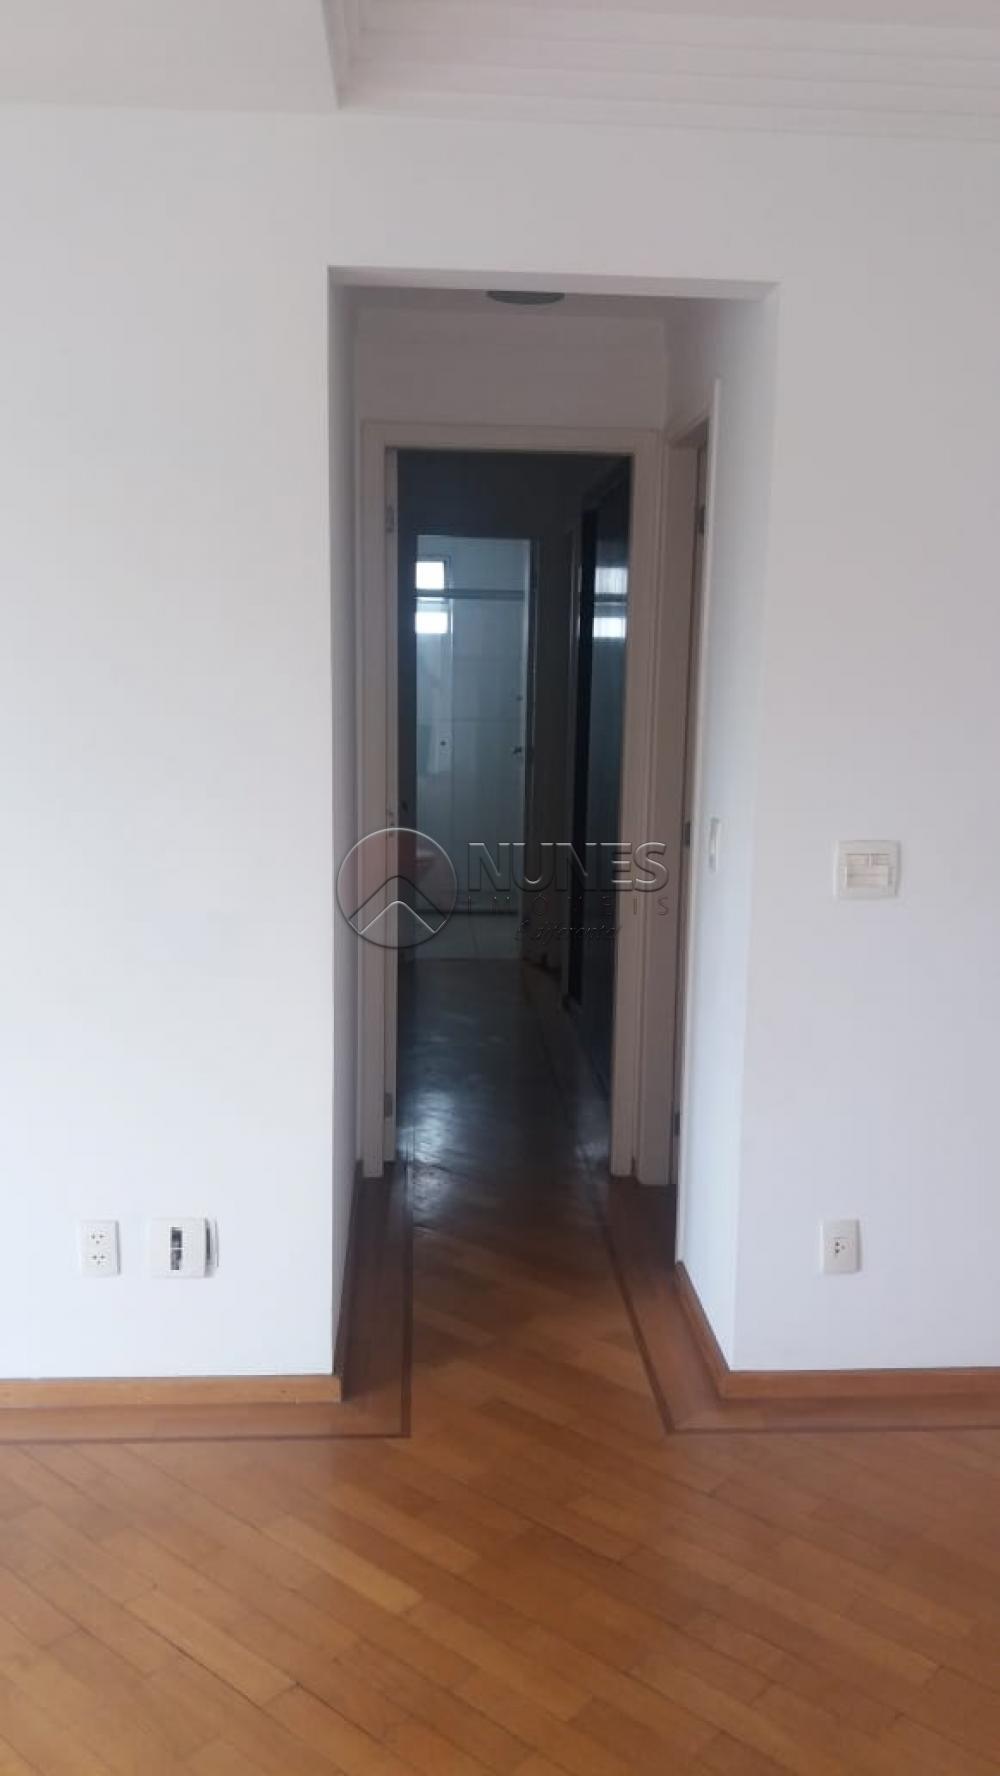 Comprar Apartamento / Padrão em São Paulo apenas R$ 640.000,00 - Foto 3